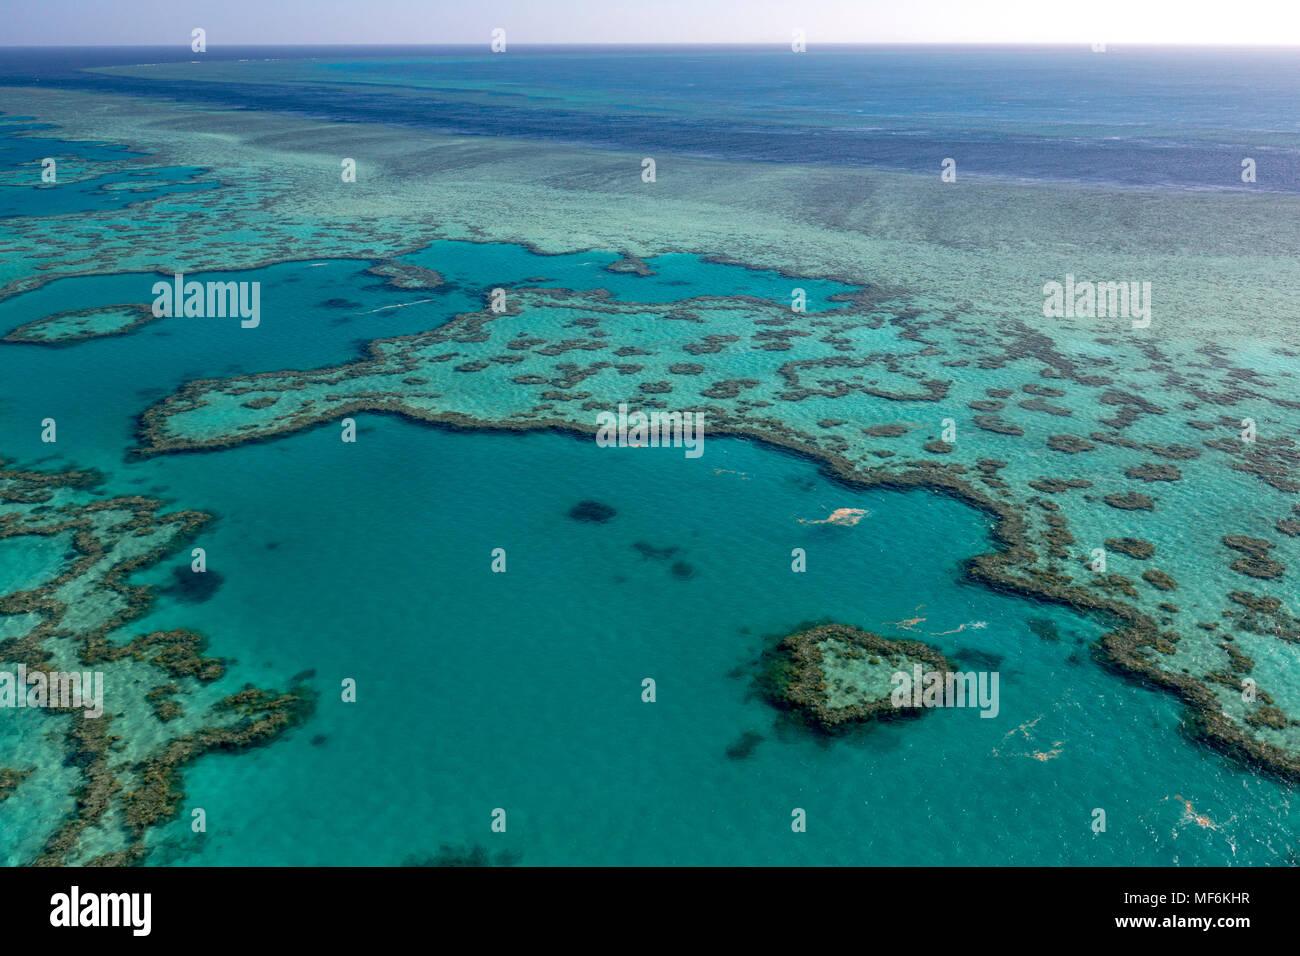 Récif de corail, coeur, partie d'Hardy Reef, extra-Grande Barrière de Corail, Queensland, Australie Photo Stock